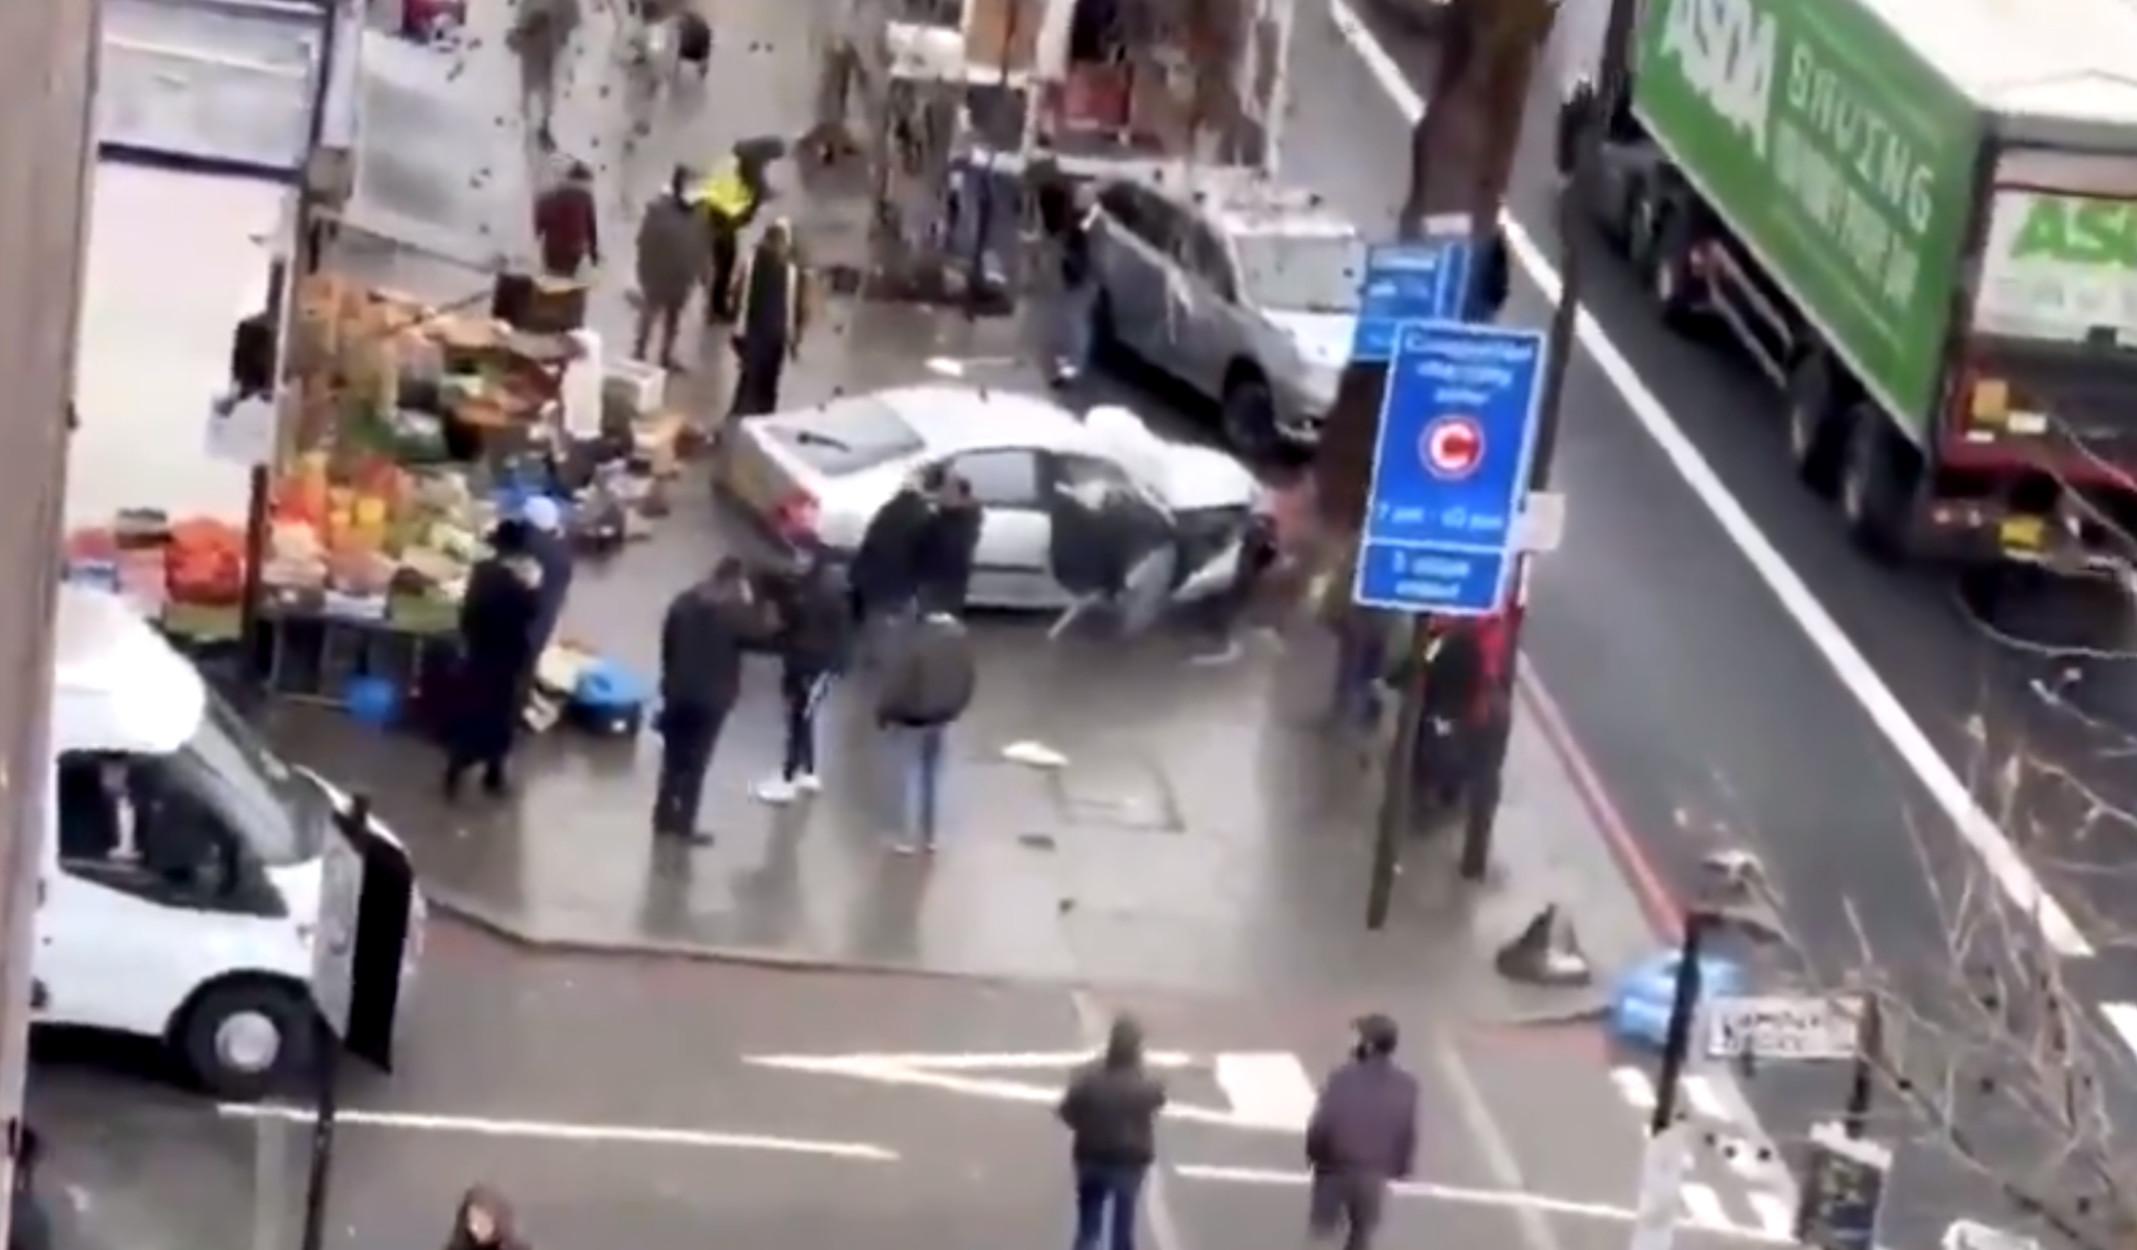 Λονδίνο: Αυτοκίνητο έπεσε πάνω σε κόσμο! Αναφορές για πολλούς τραυματίες (video)